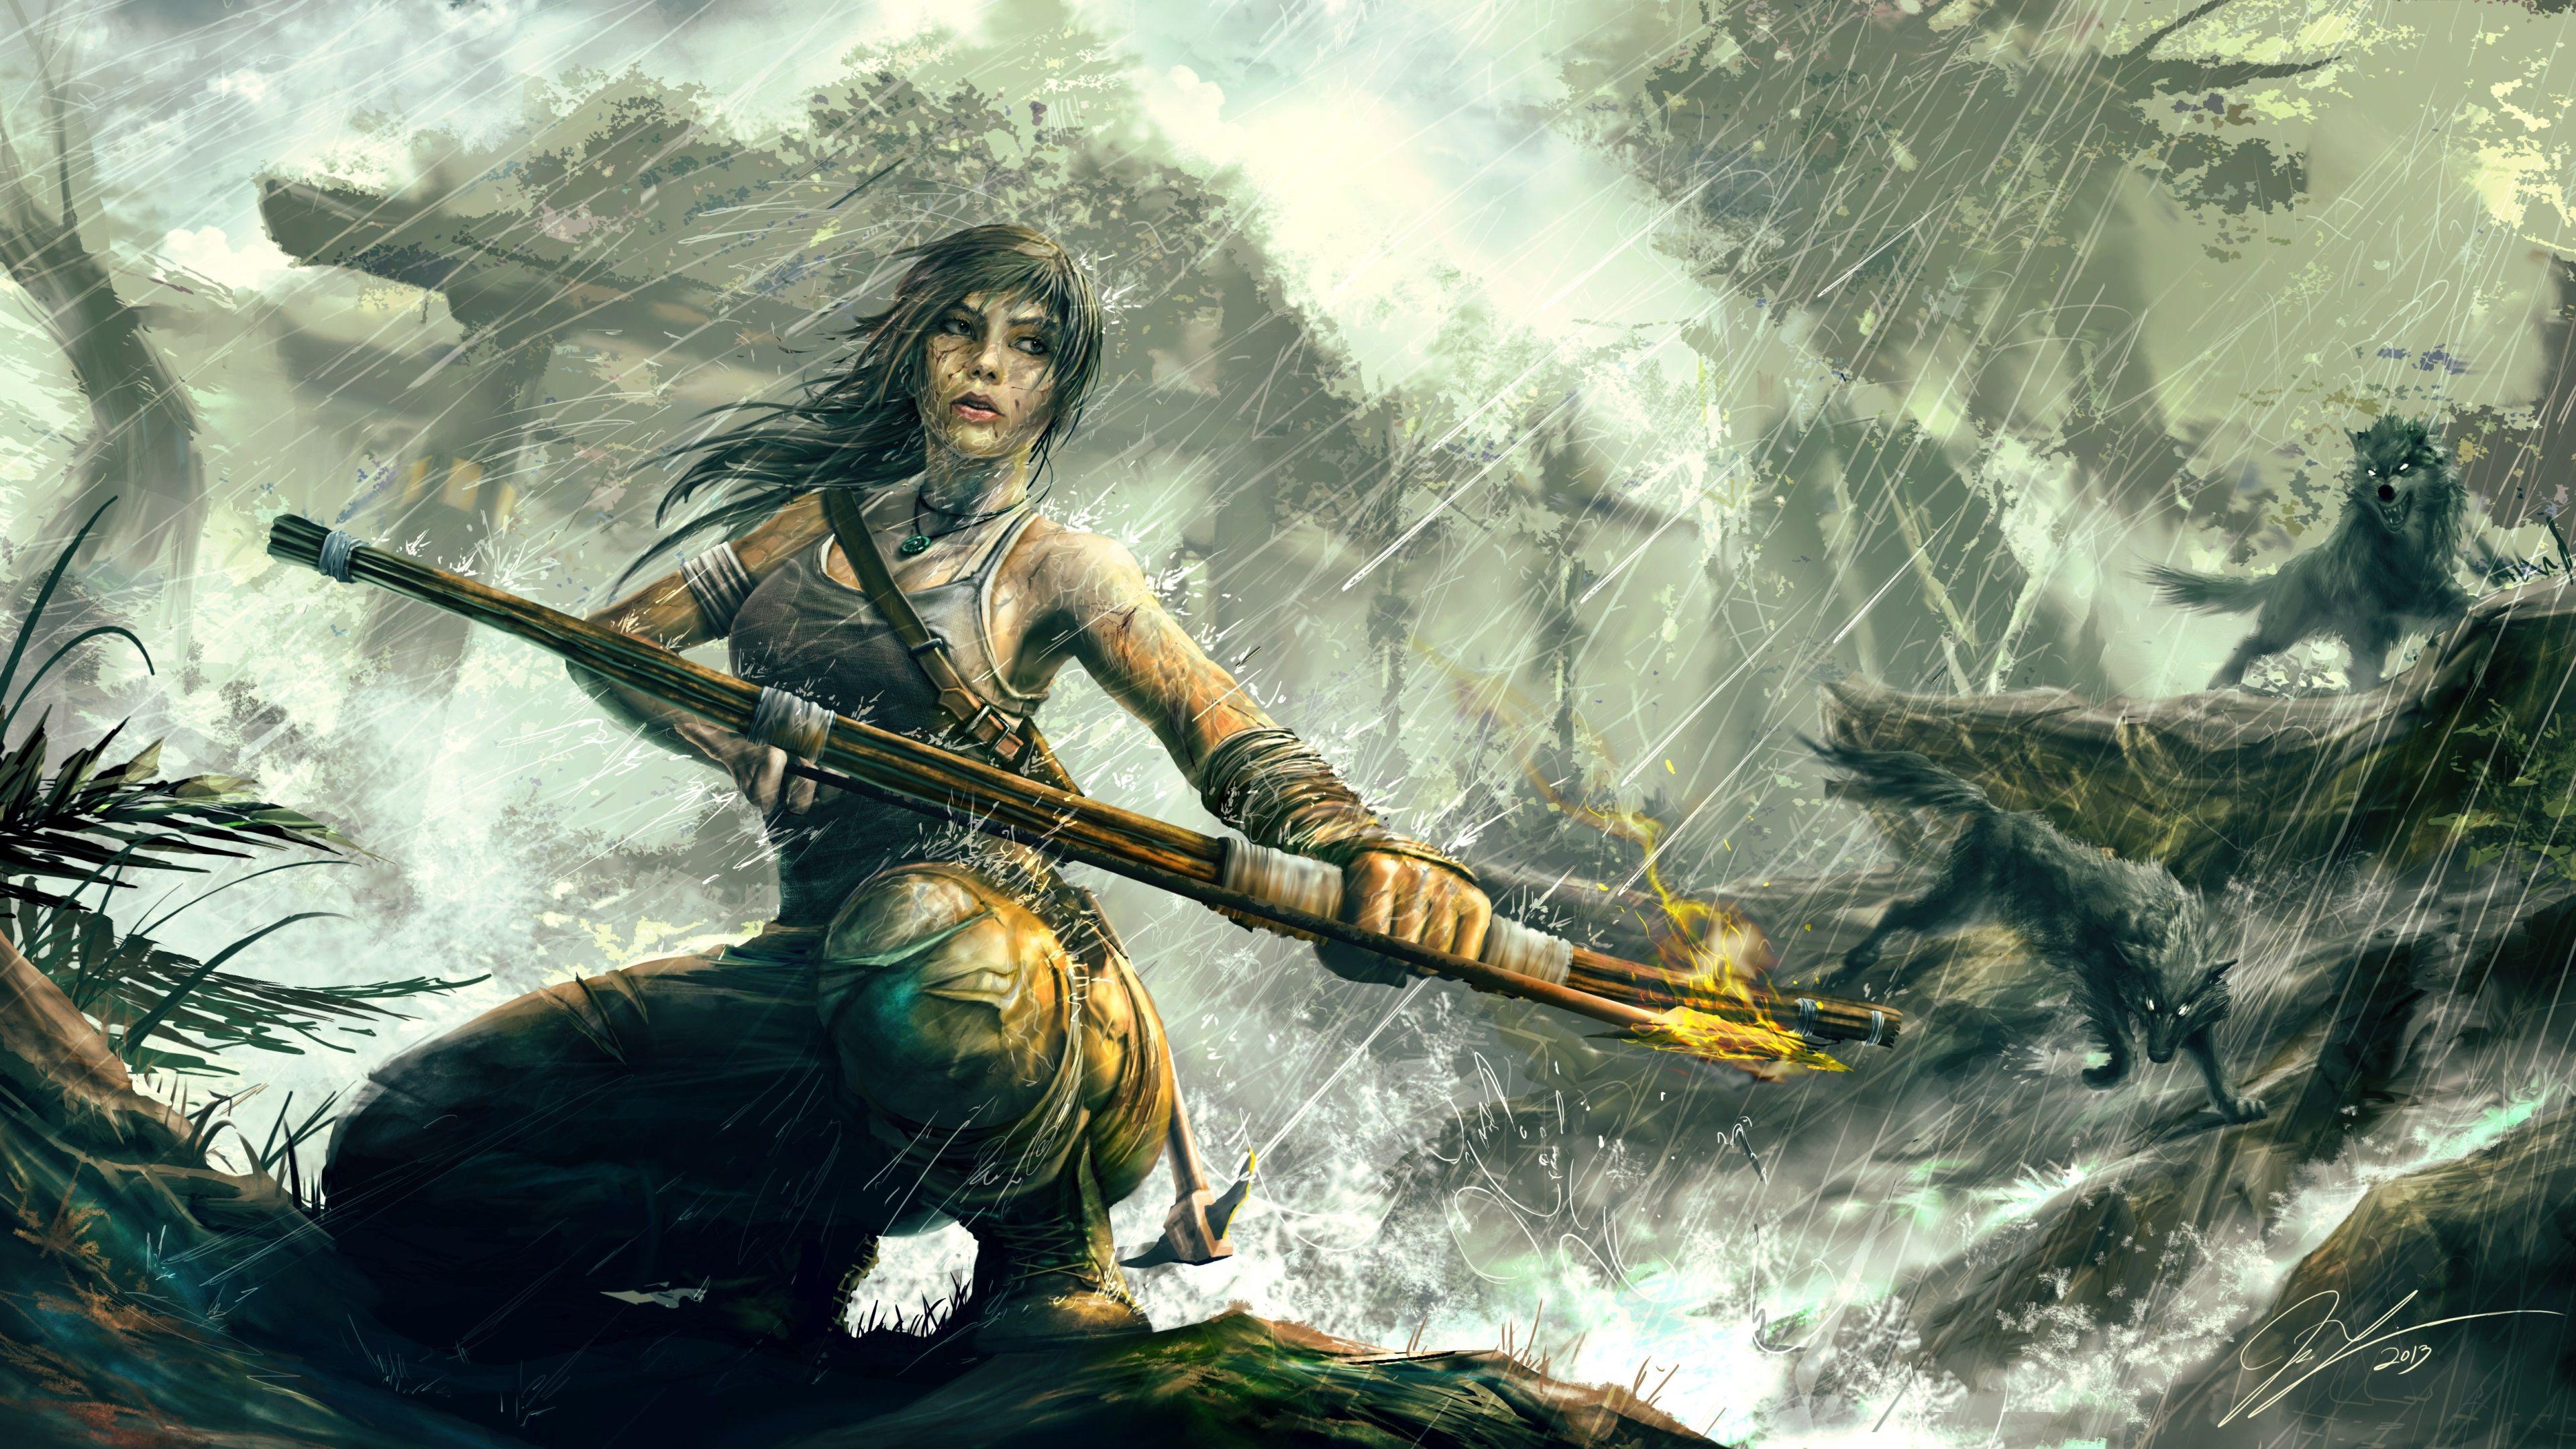 3840x2160 Tomb Raider Reborn 4k High Quality Wallpaper For Desktop Tomb Raider Art Tomb Raider Wallpaper Tomb Raider Lara Croft